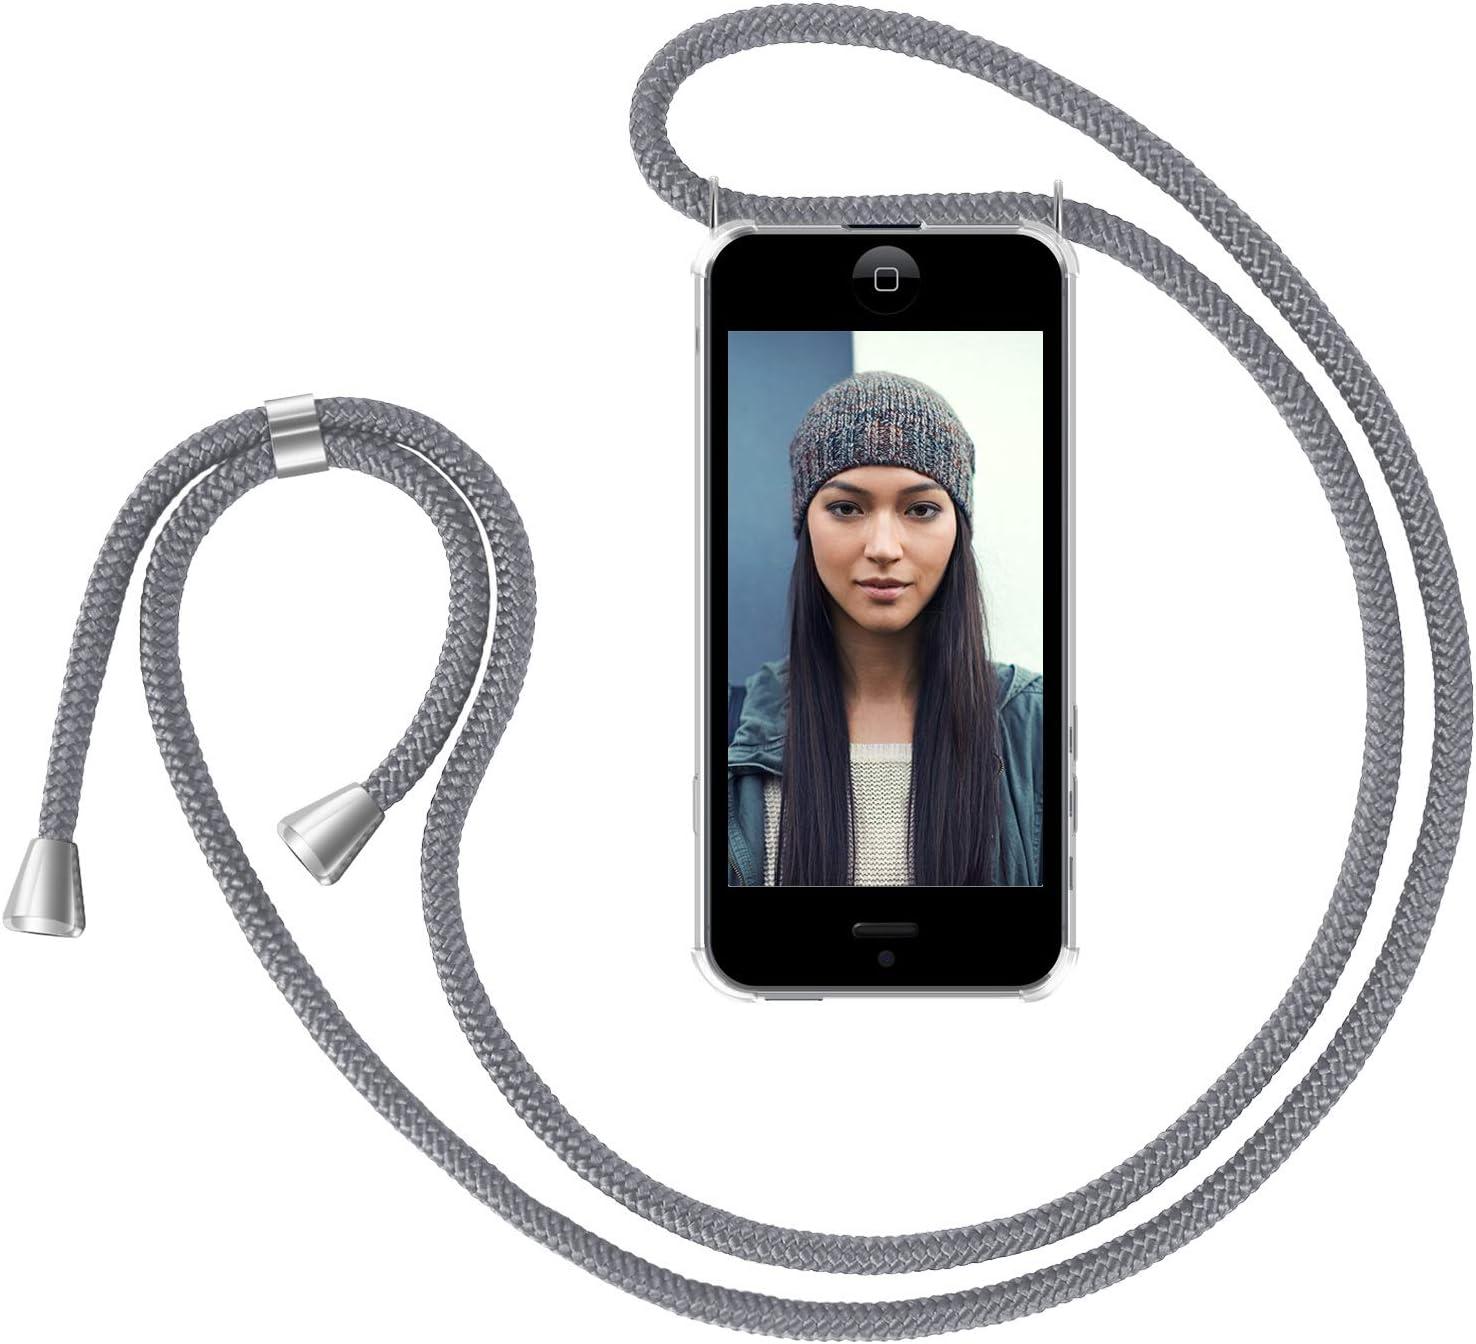 Zhinkarts Handykette Kompatibel Mit Apple Iphone 5 5s Se 2016 Smartphone Necklace Hülle Mit Band Handyhülle Case Mit Kette Zum Umhängen In Grau Elektronik